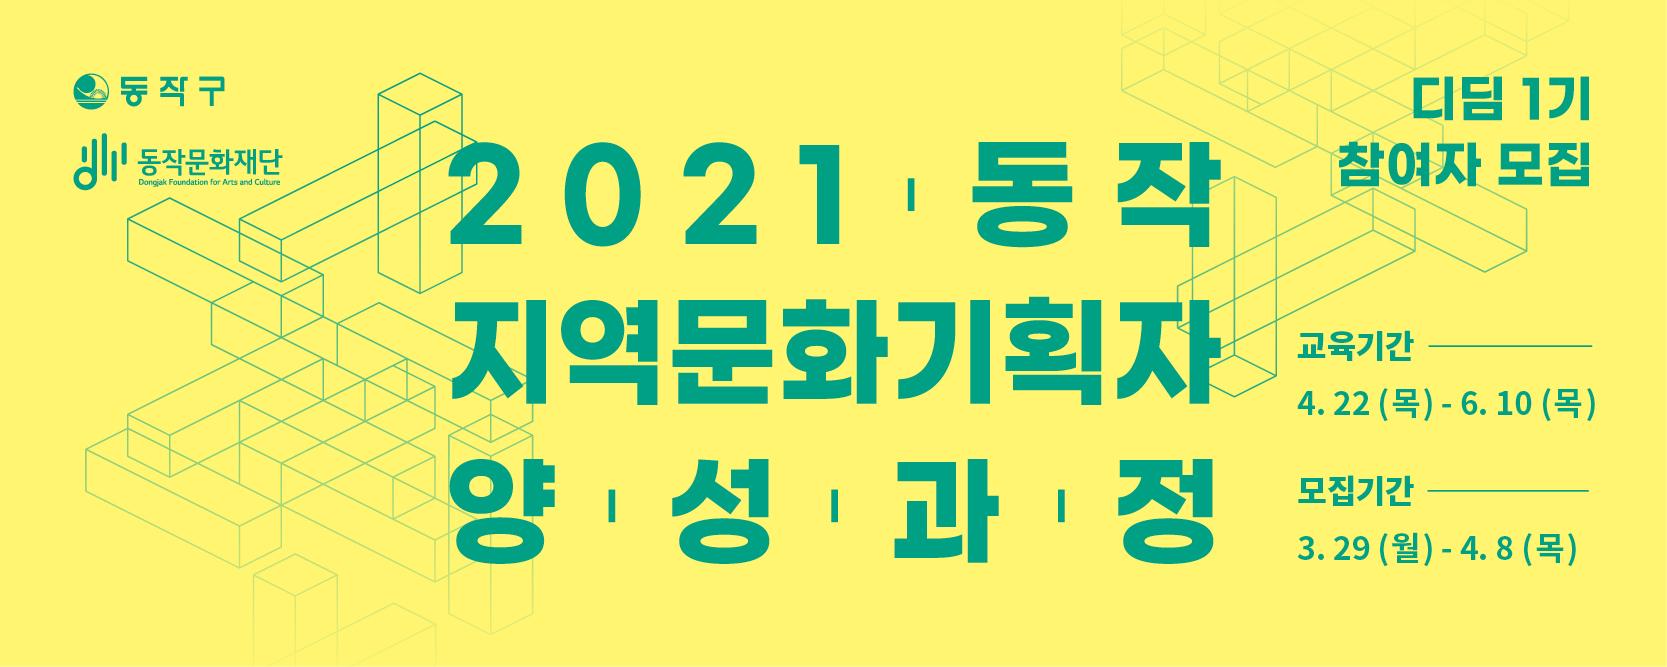 2021 동작 지역문화기획자 양성과정